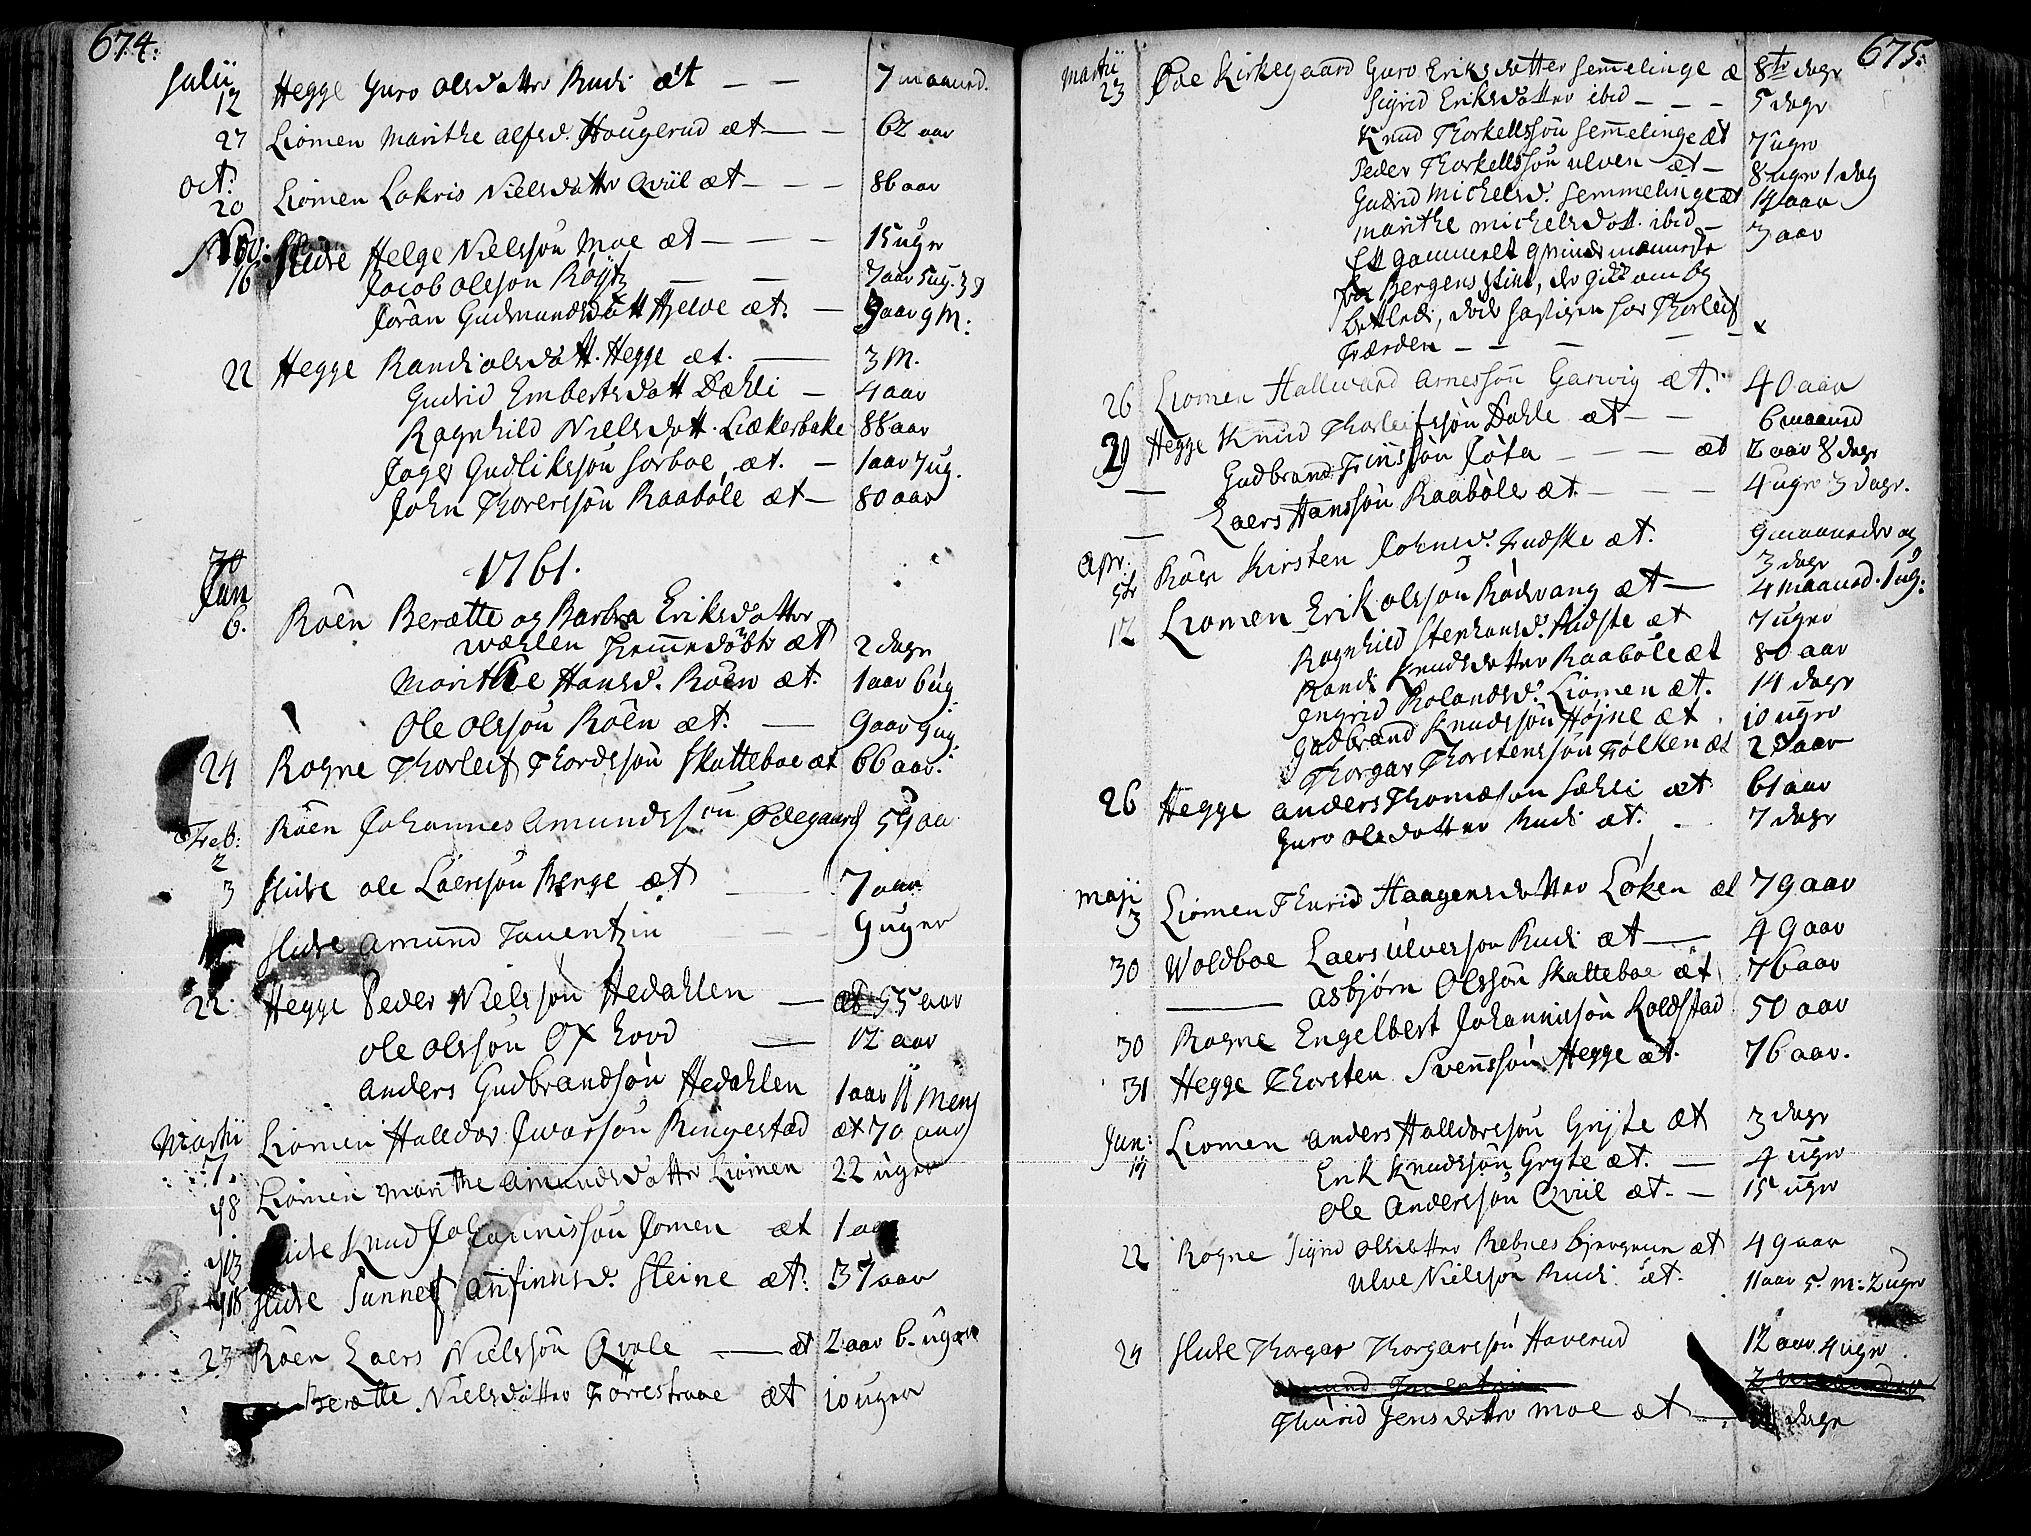 SAH, Slidre prestekontor, Ministerialbok nr. 1, 1724-1814, s. 674-675